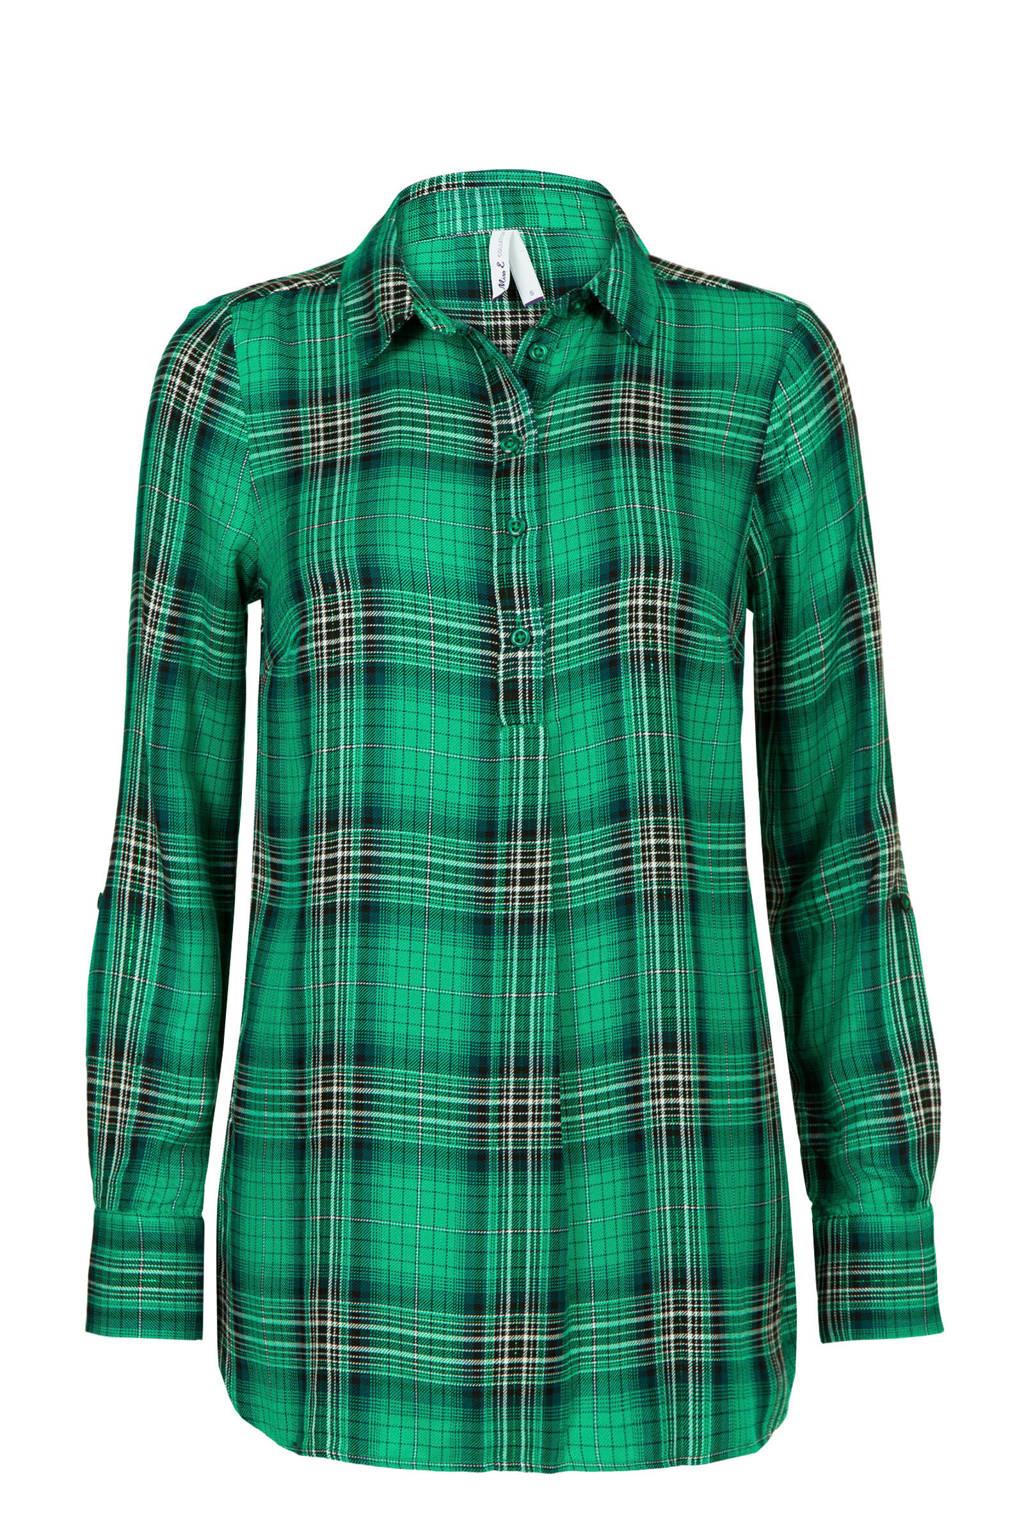 Miss Etam Regulier geruite blouse groen, Groen